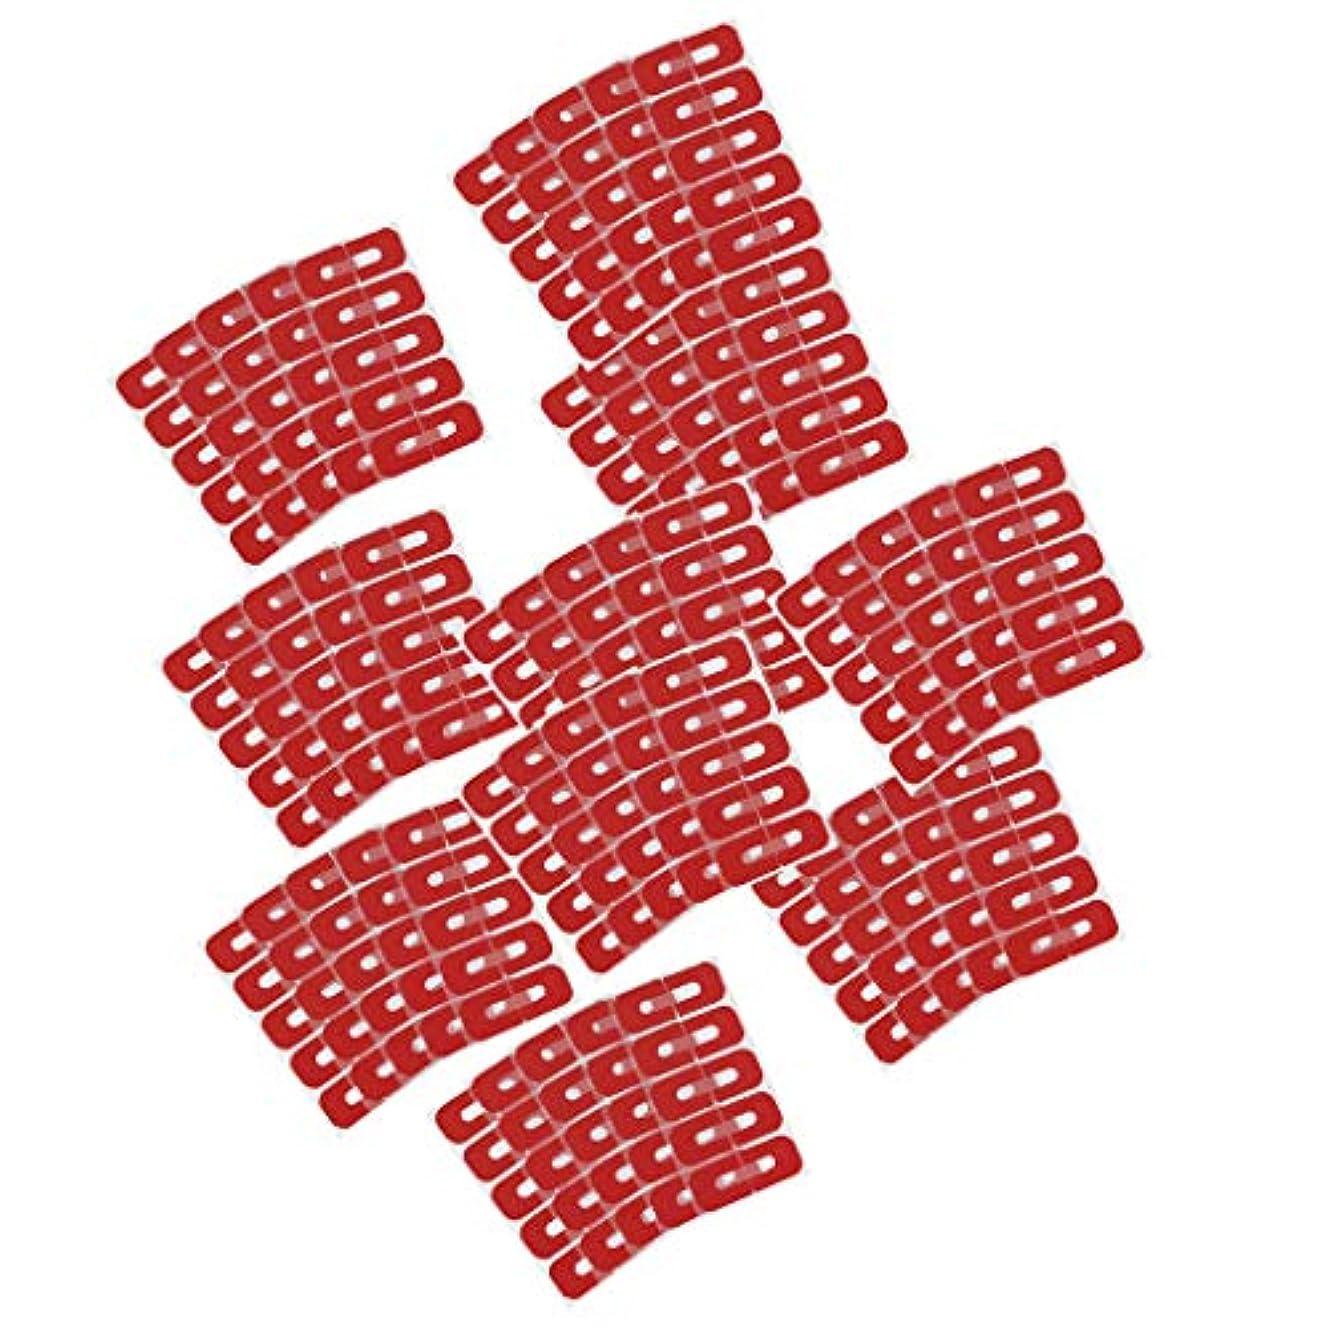 チャーム大学院手数料ネイルカバー はみ出し防止 剥離テープ 流出防止 ネイル プロテクター カバー 全50点セット